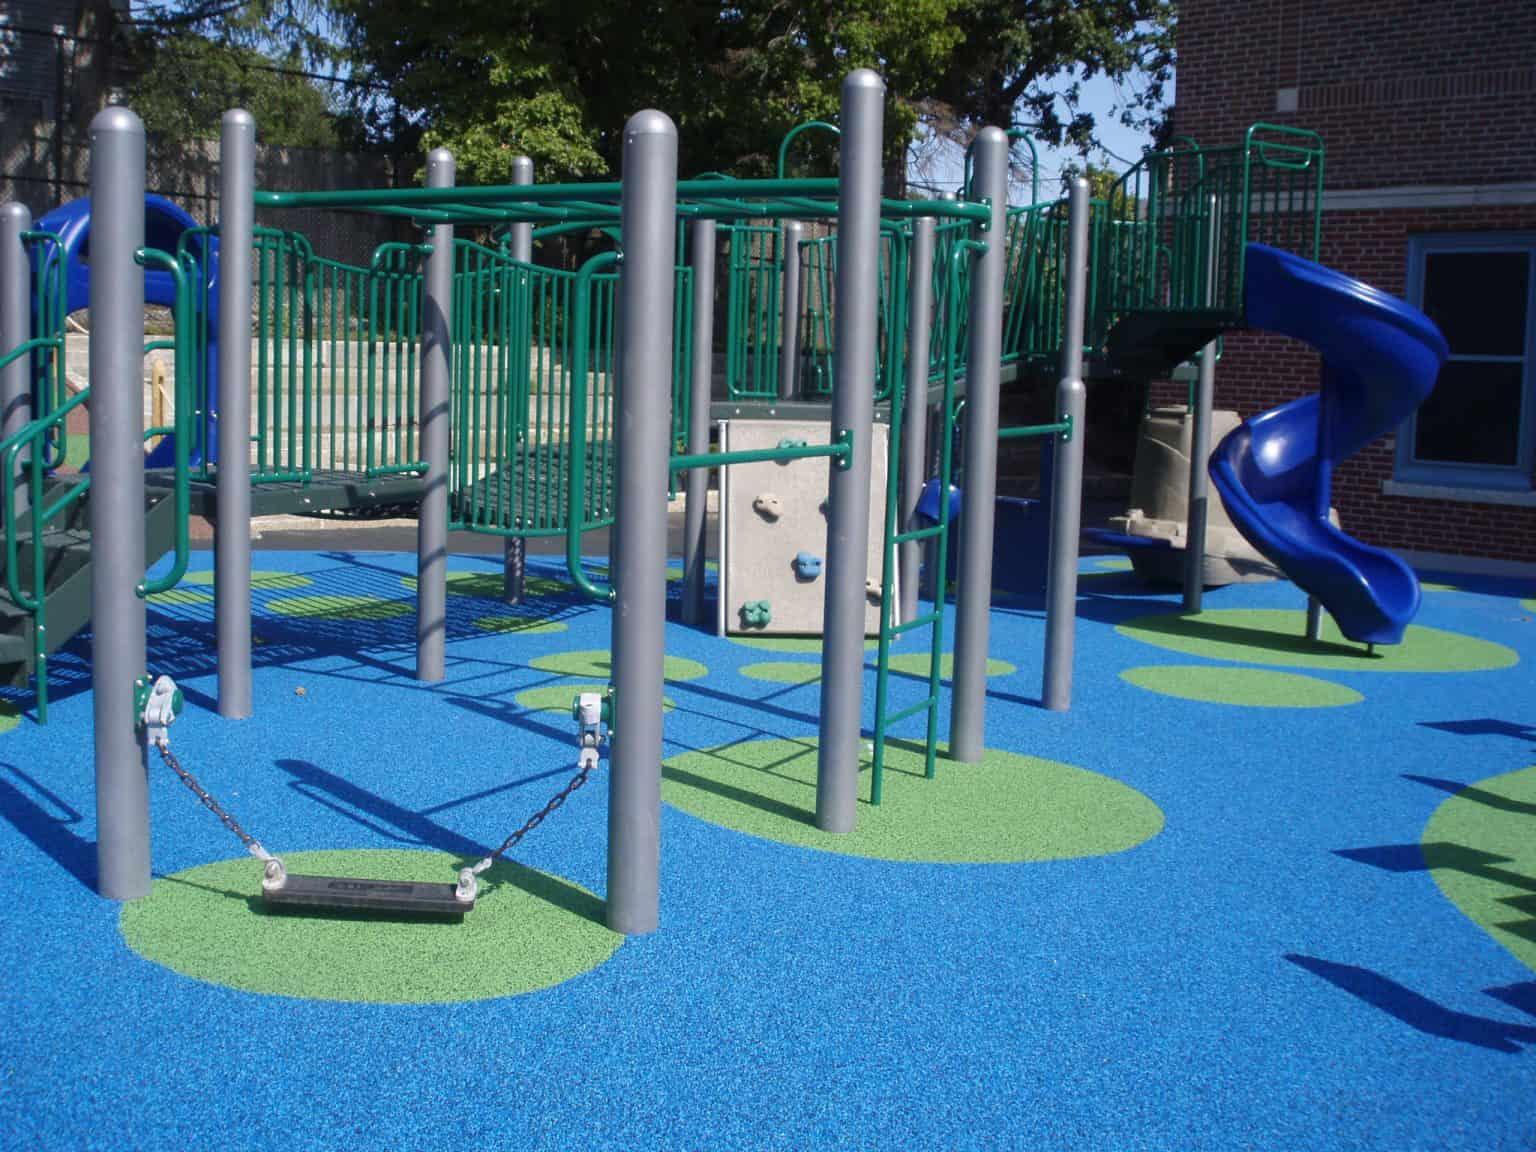 mozart-school-playground-boston-ma_11709919155_o-1536x1152